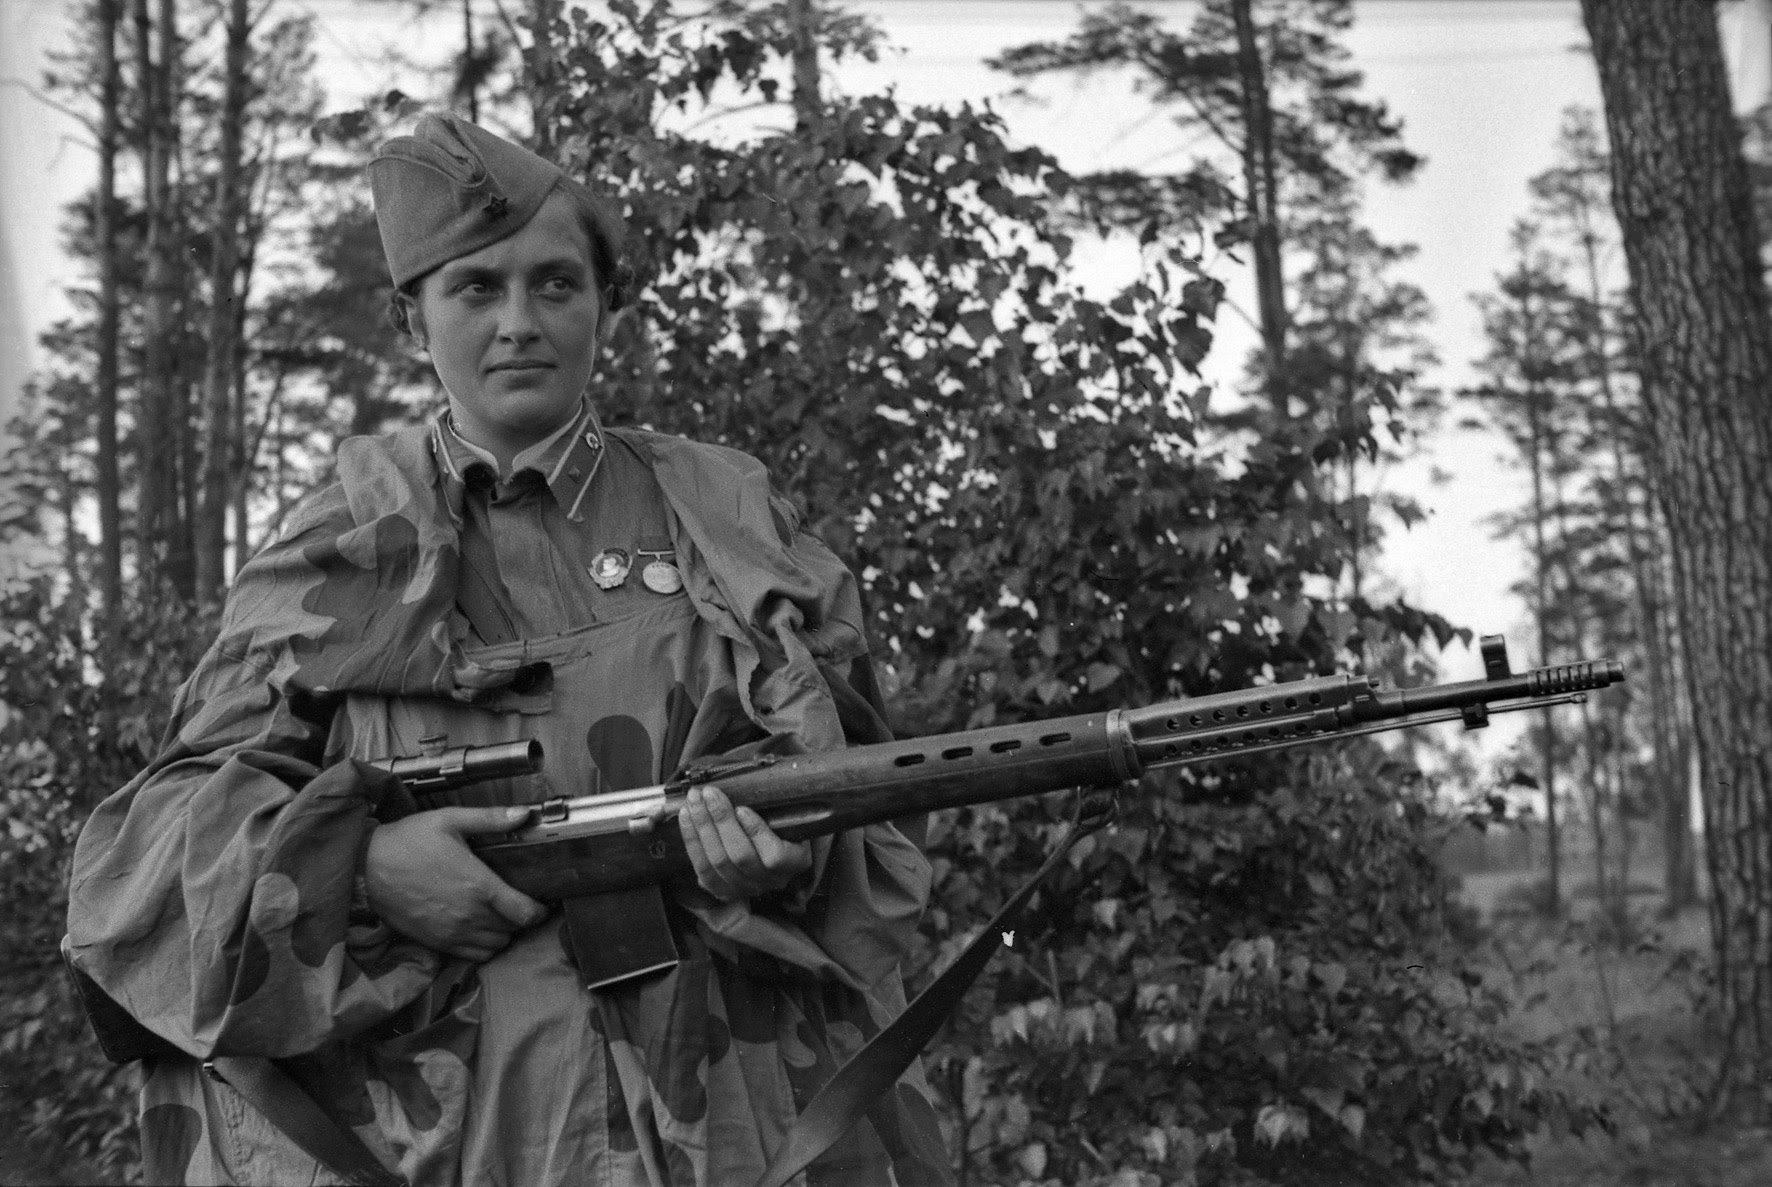 женщины великая отечественная Женщины во время Великой Отечественной отвратительные мужики disgusting men